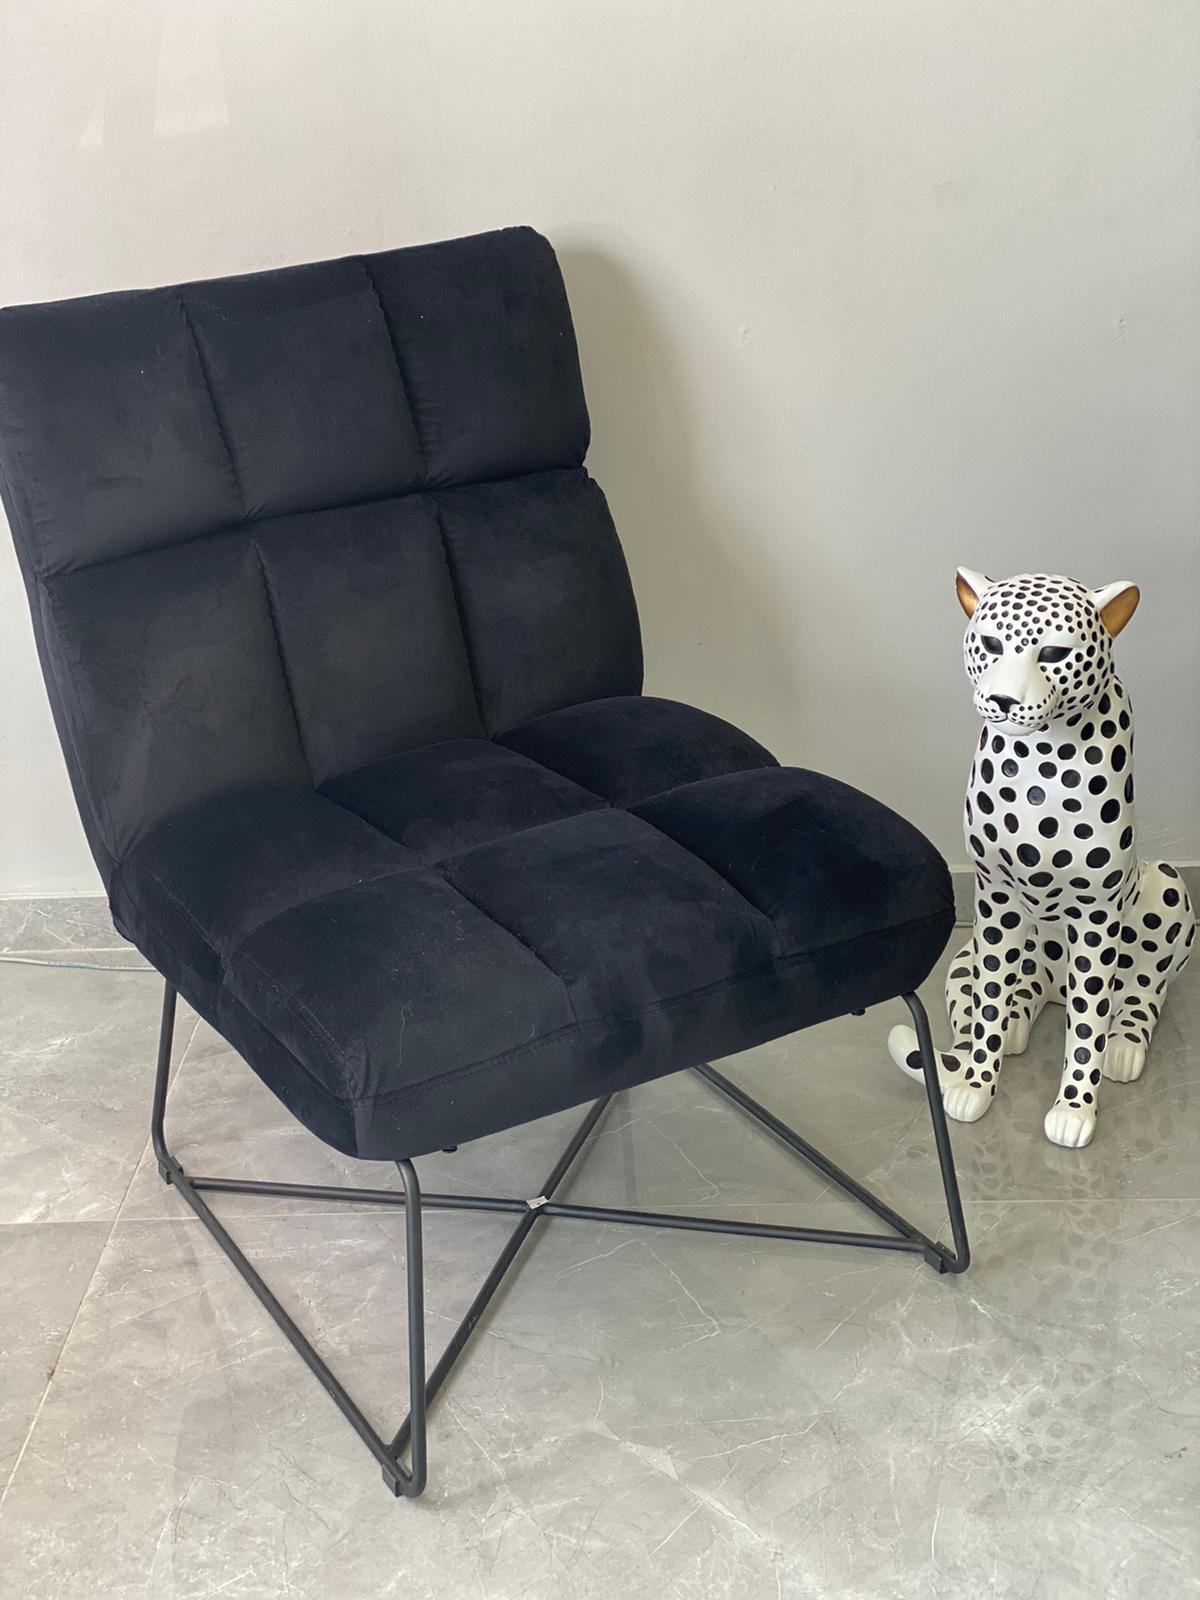 כורסא קטיפה שחורה